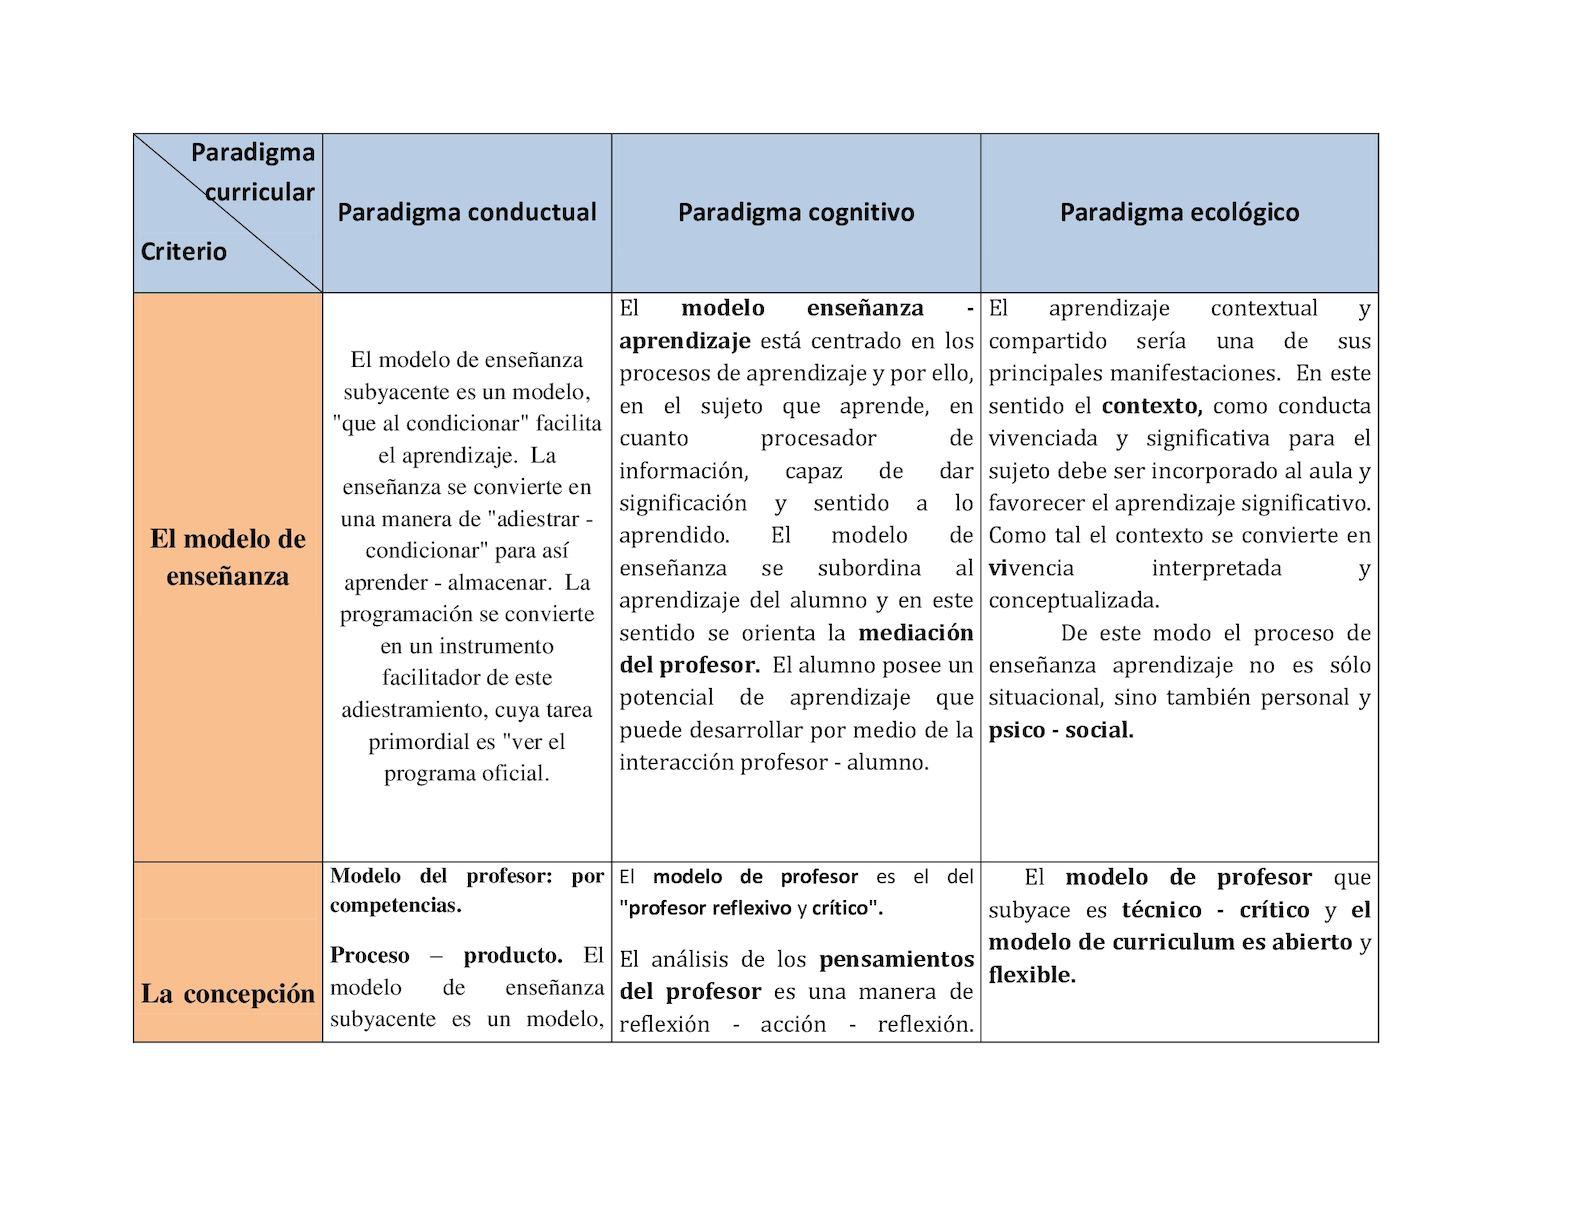 Calaméo - Semejanzas Y Diferencias Entre Paradigmas Del Curriculo